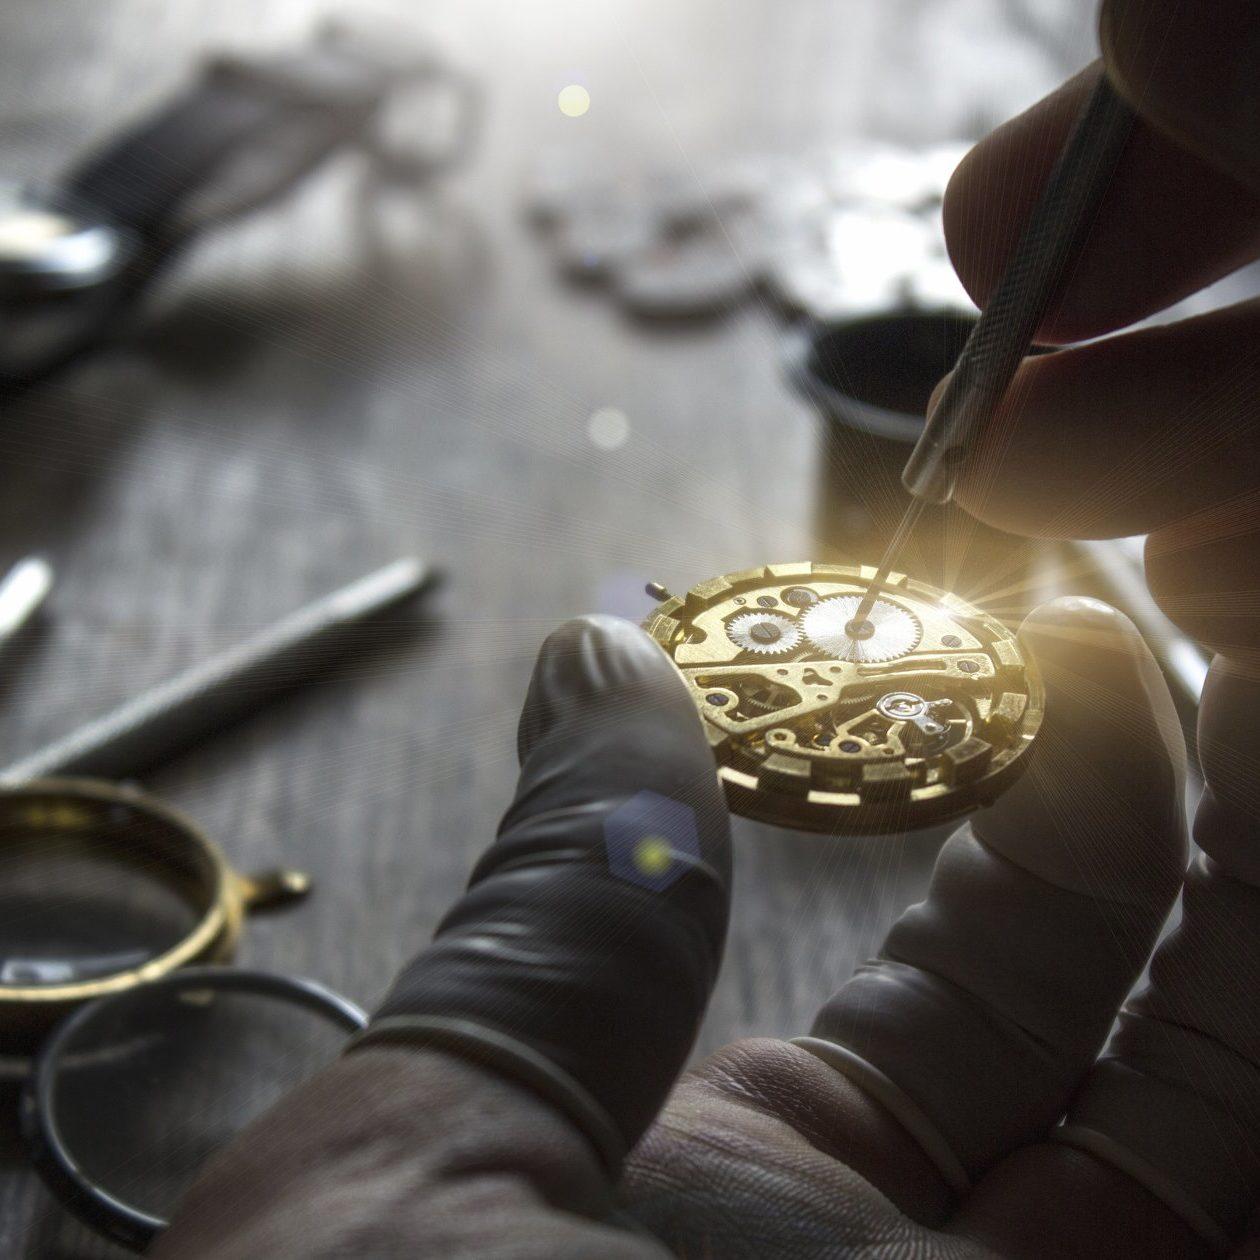 Riparazione orologi Belluno - De Marco